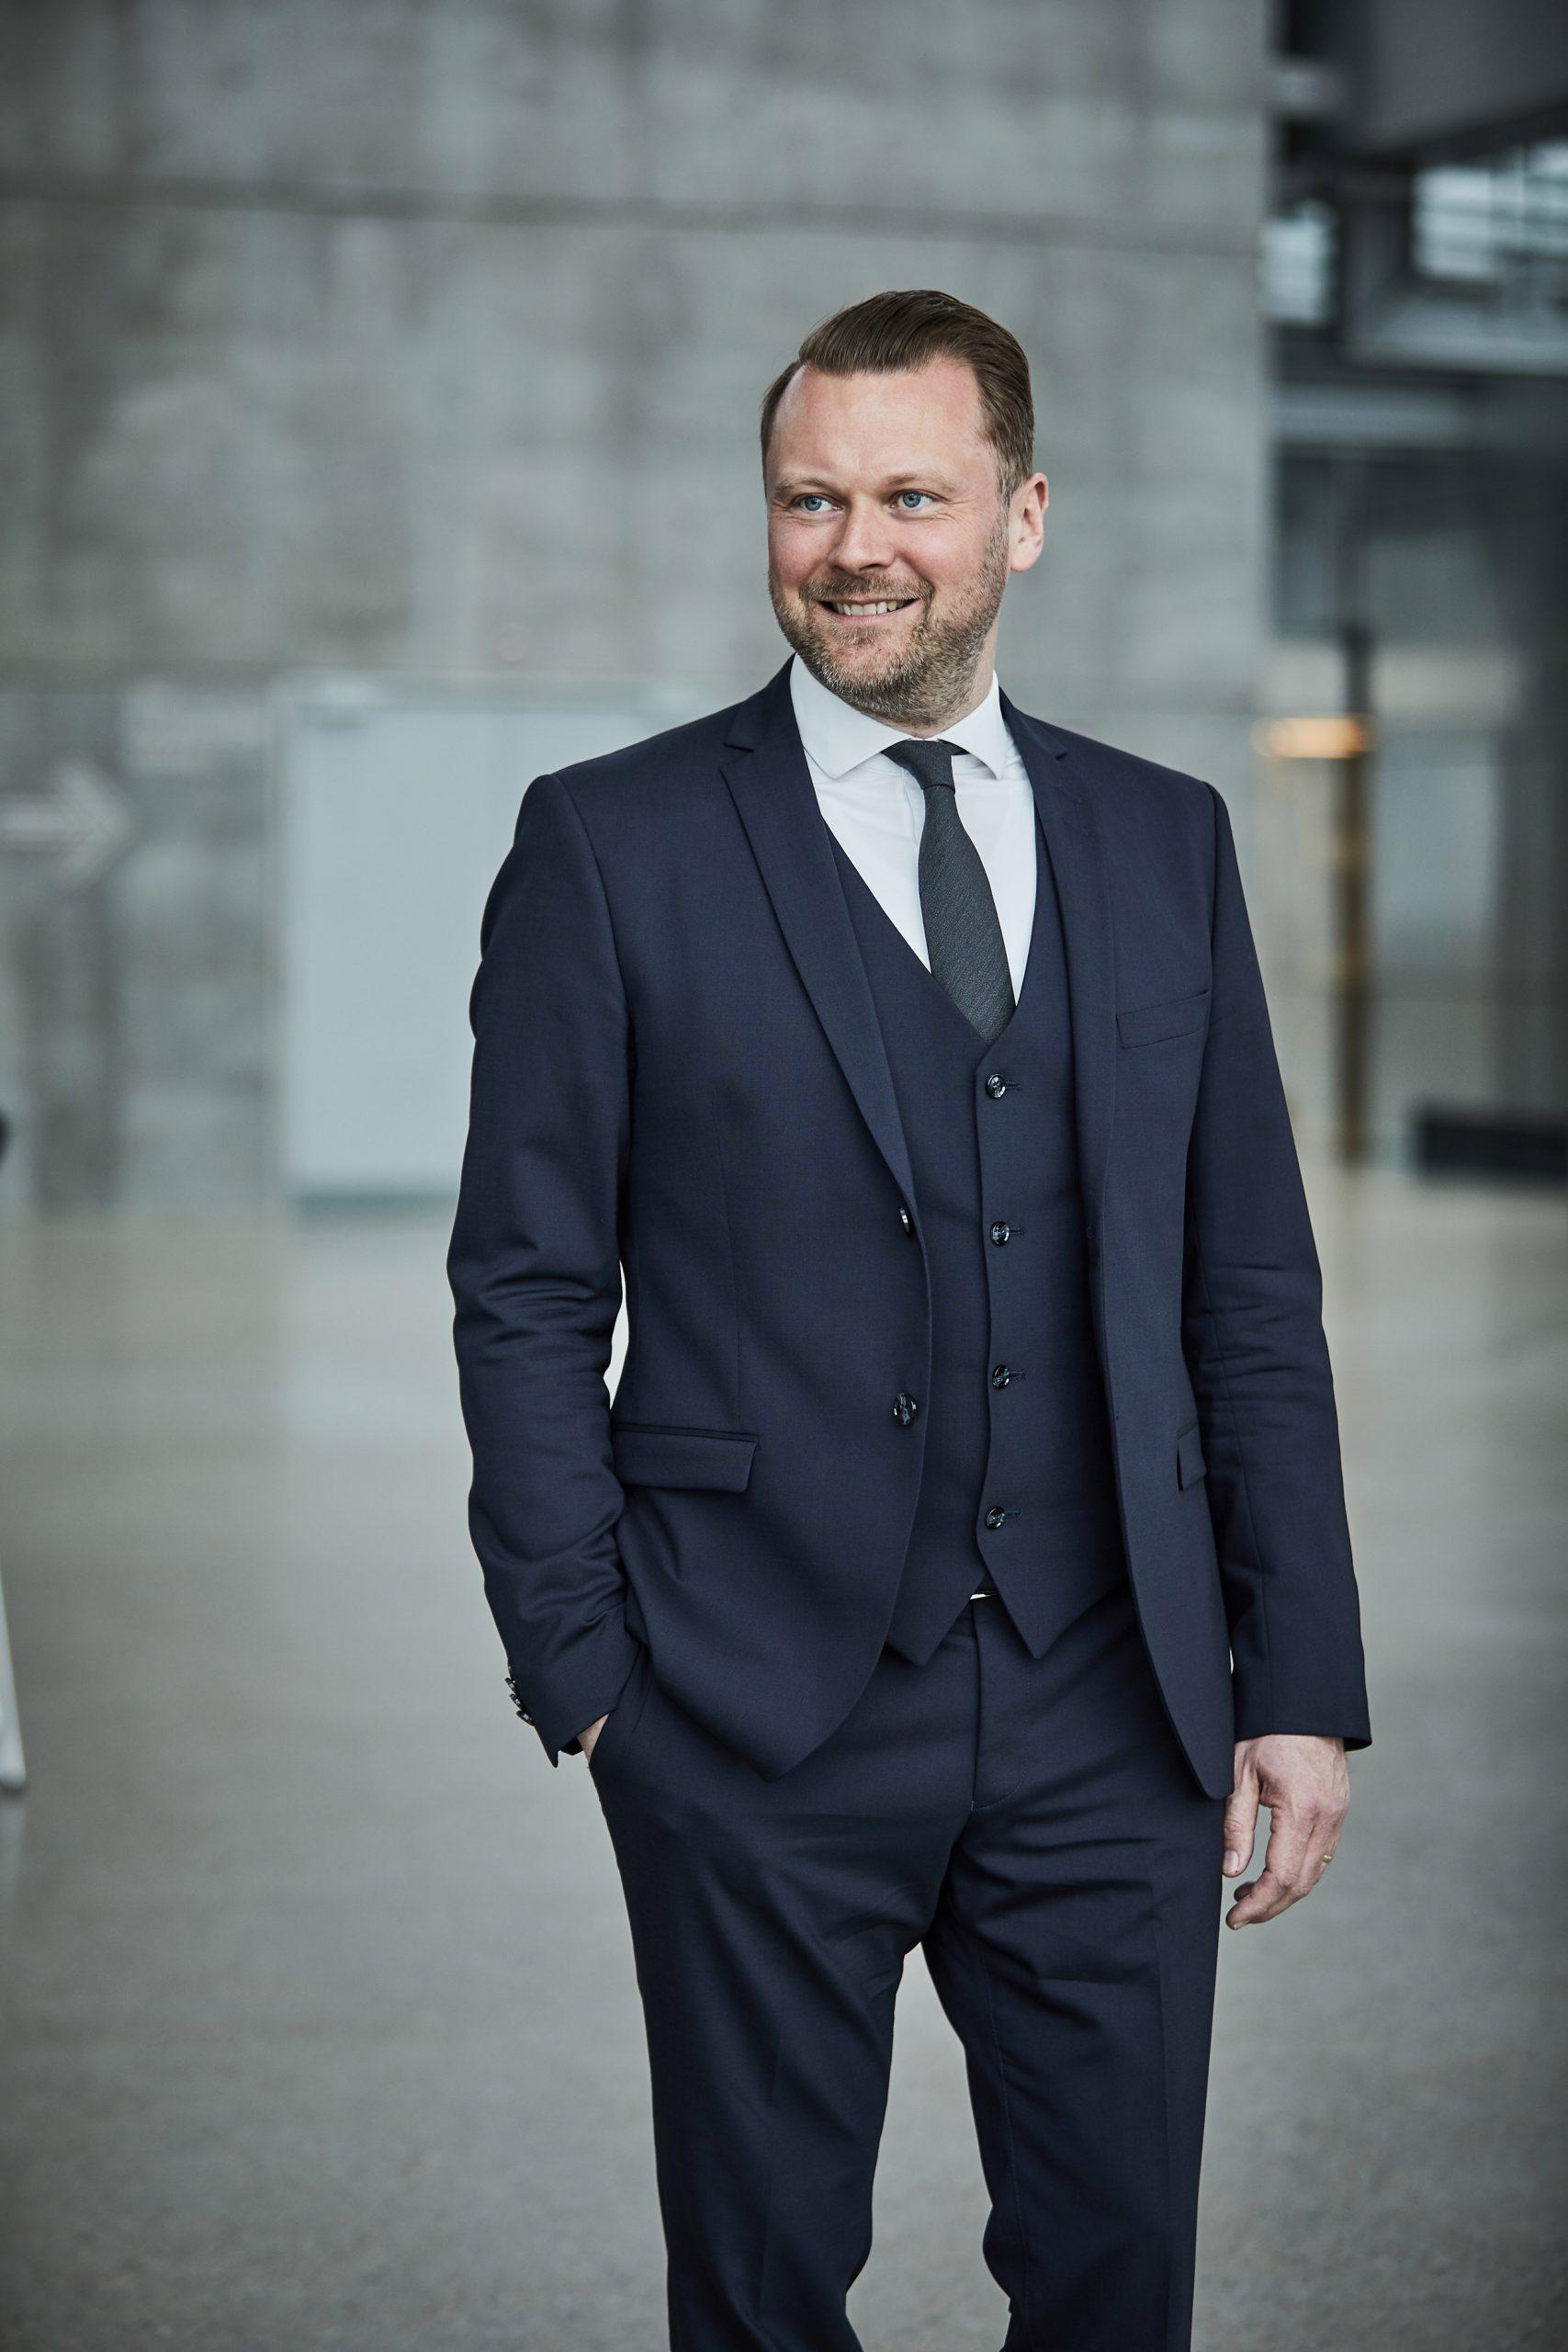 Stor anerkendelse: Musikhusdirektør genvalgt som formand for de nordiske koncerthuse